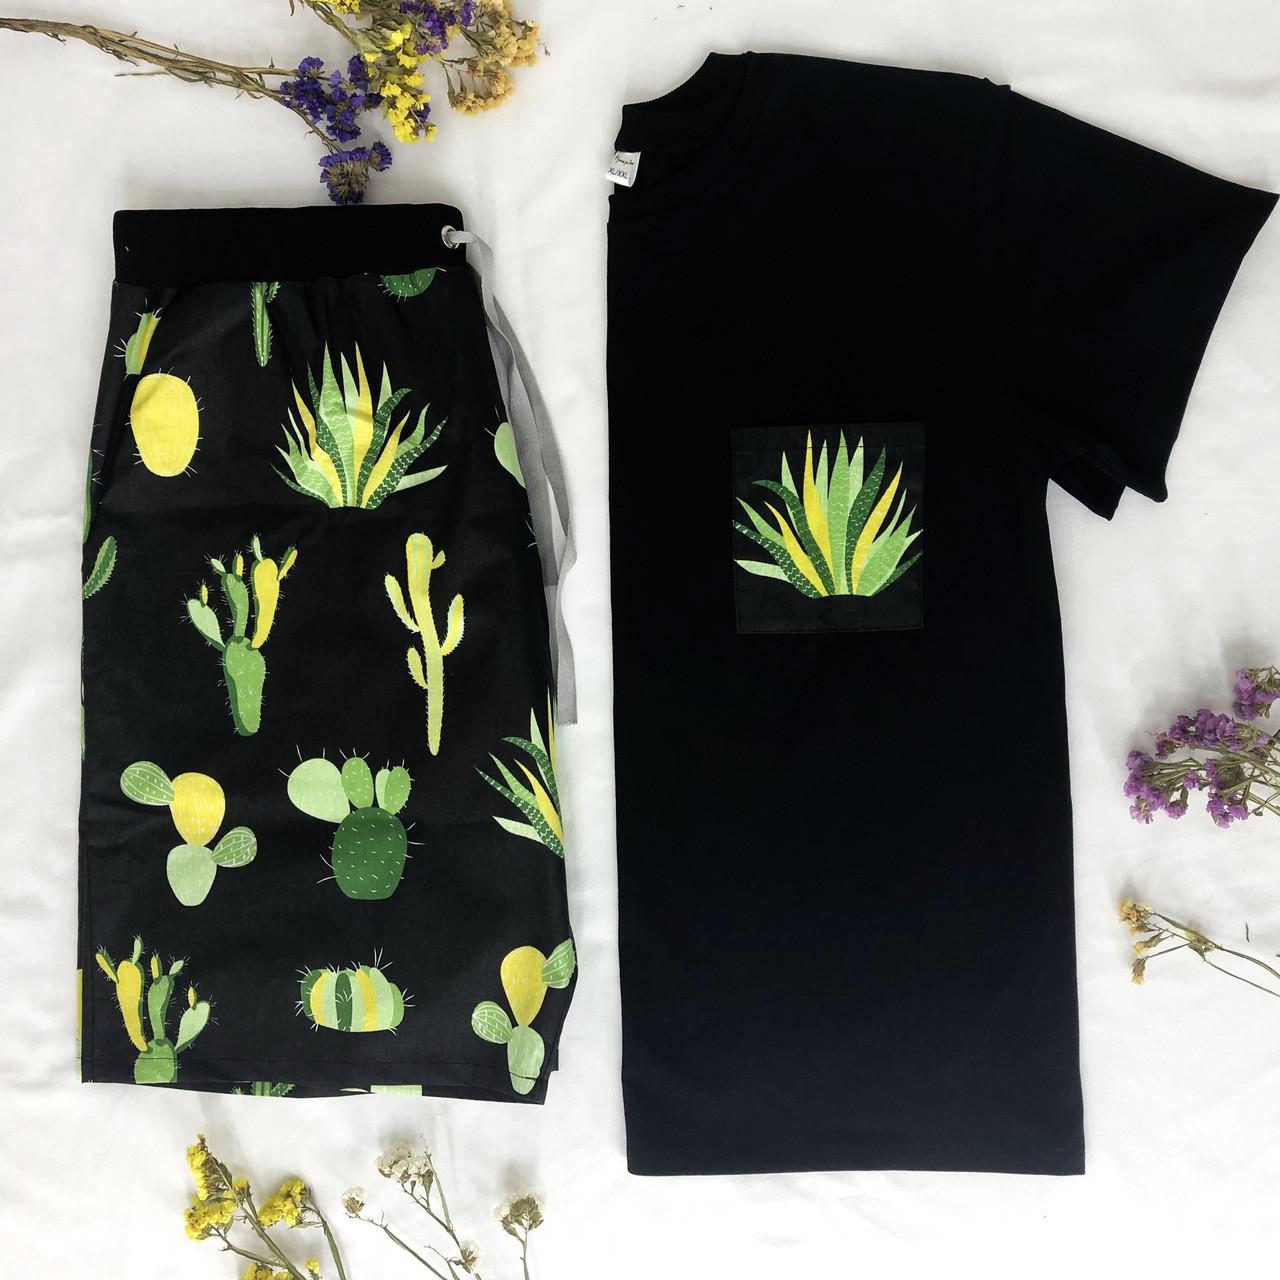 Чоловічий домашній костюм, чоловічий піжама (футболка і шорти) чорна Кактуси, розмір XL